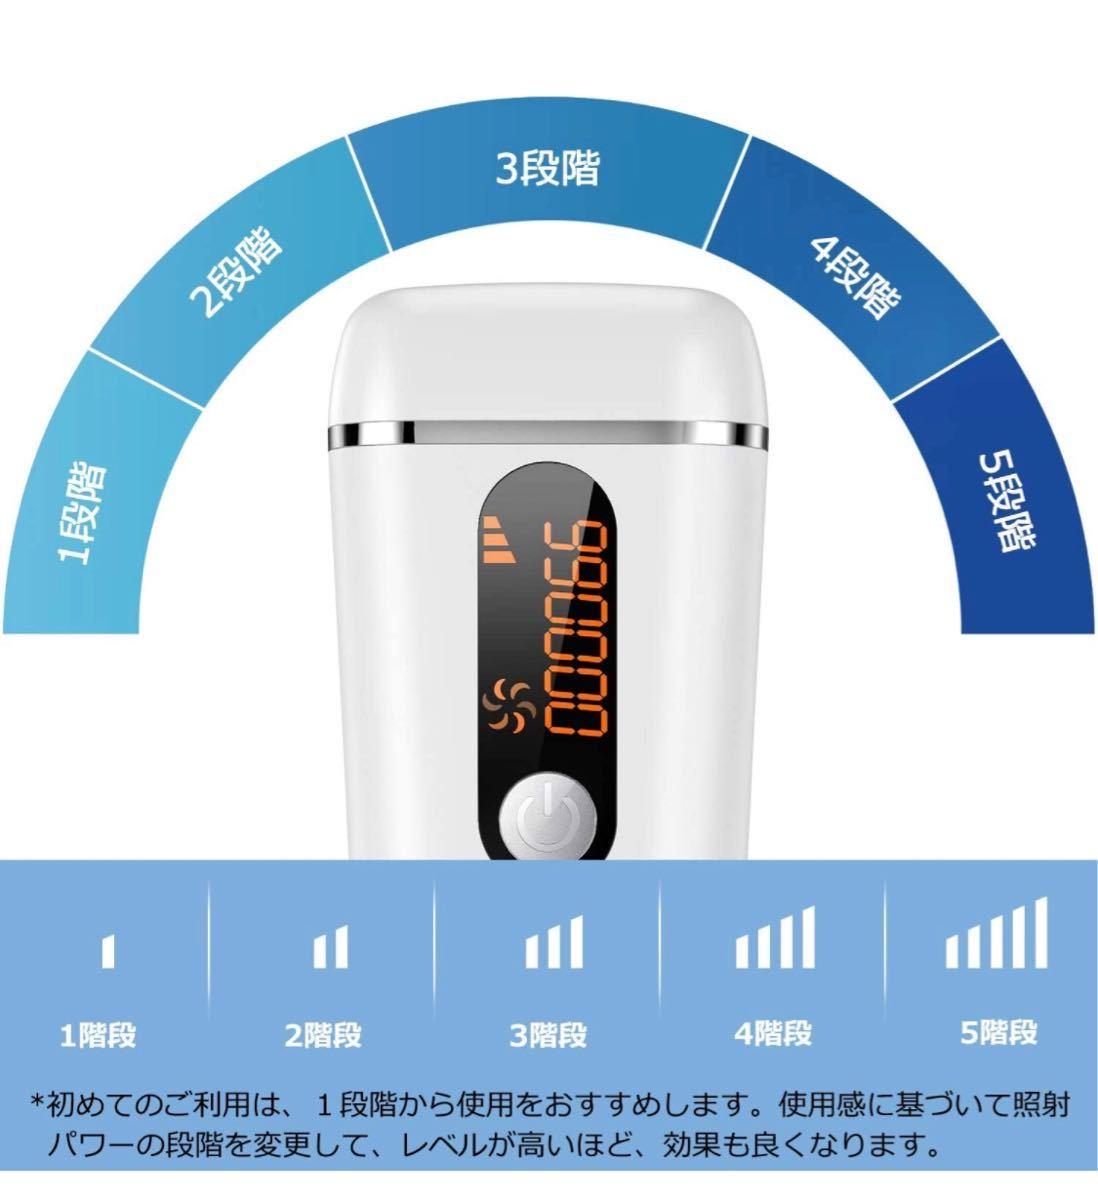 脱毛器  レーザー 光脱毛器 IPL技術 永久脱毛 家庭用脱毛器 99万回照射 光美容器 美機能付き